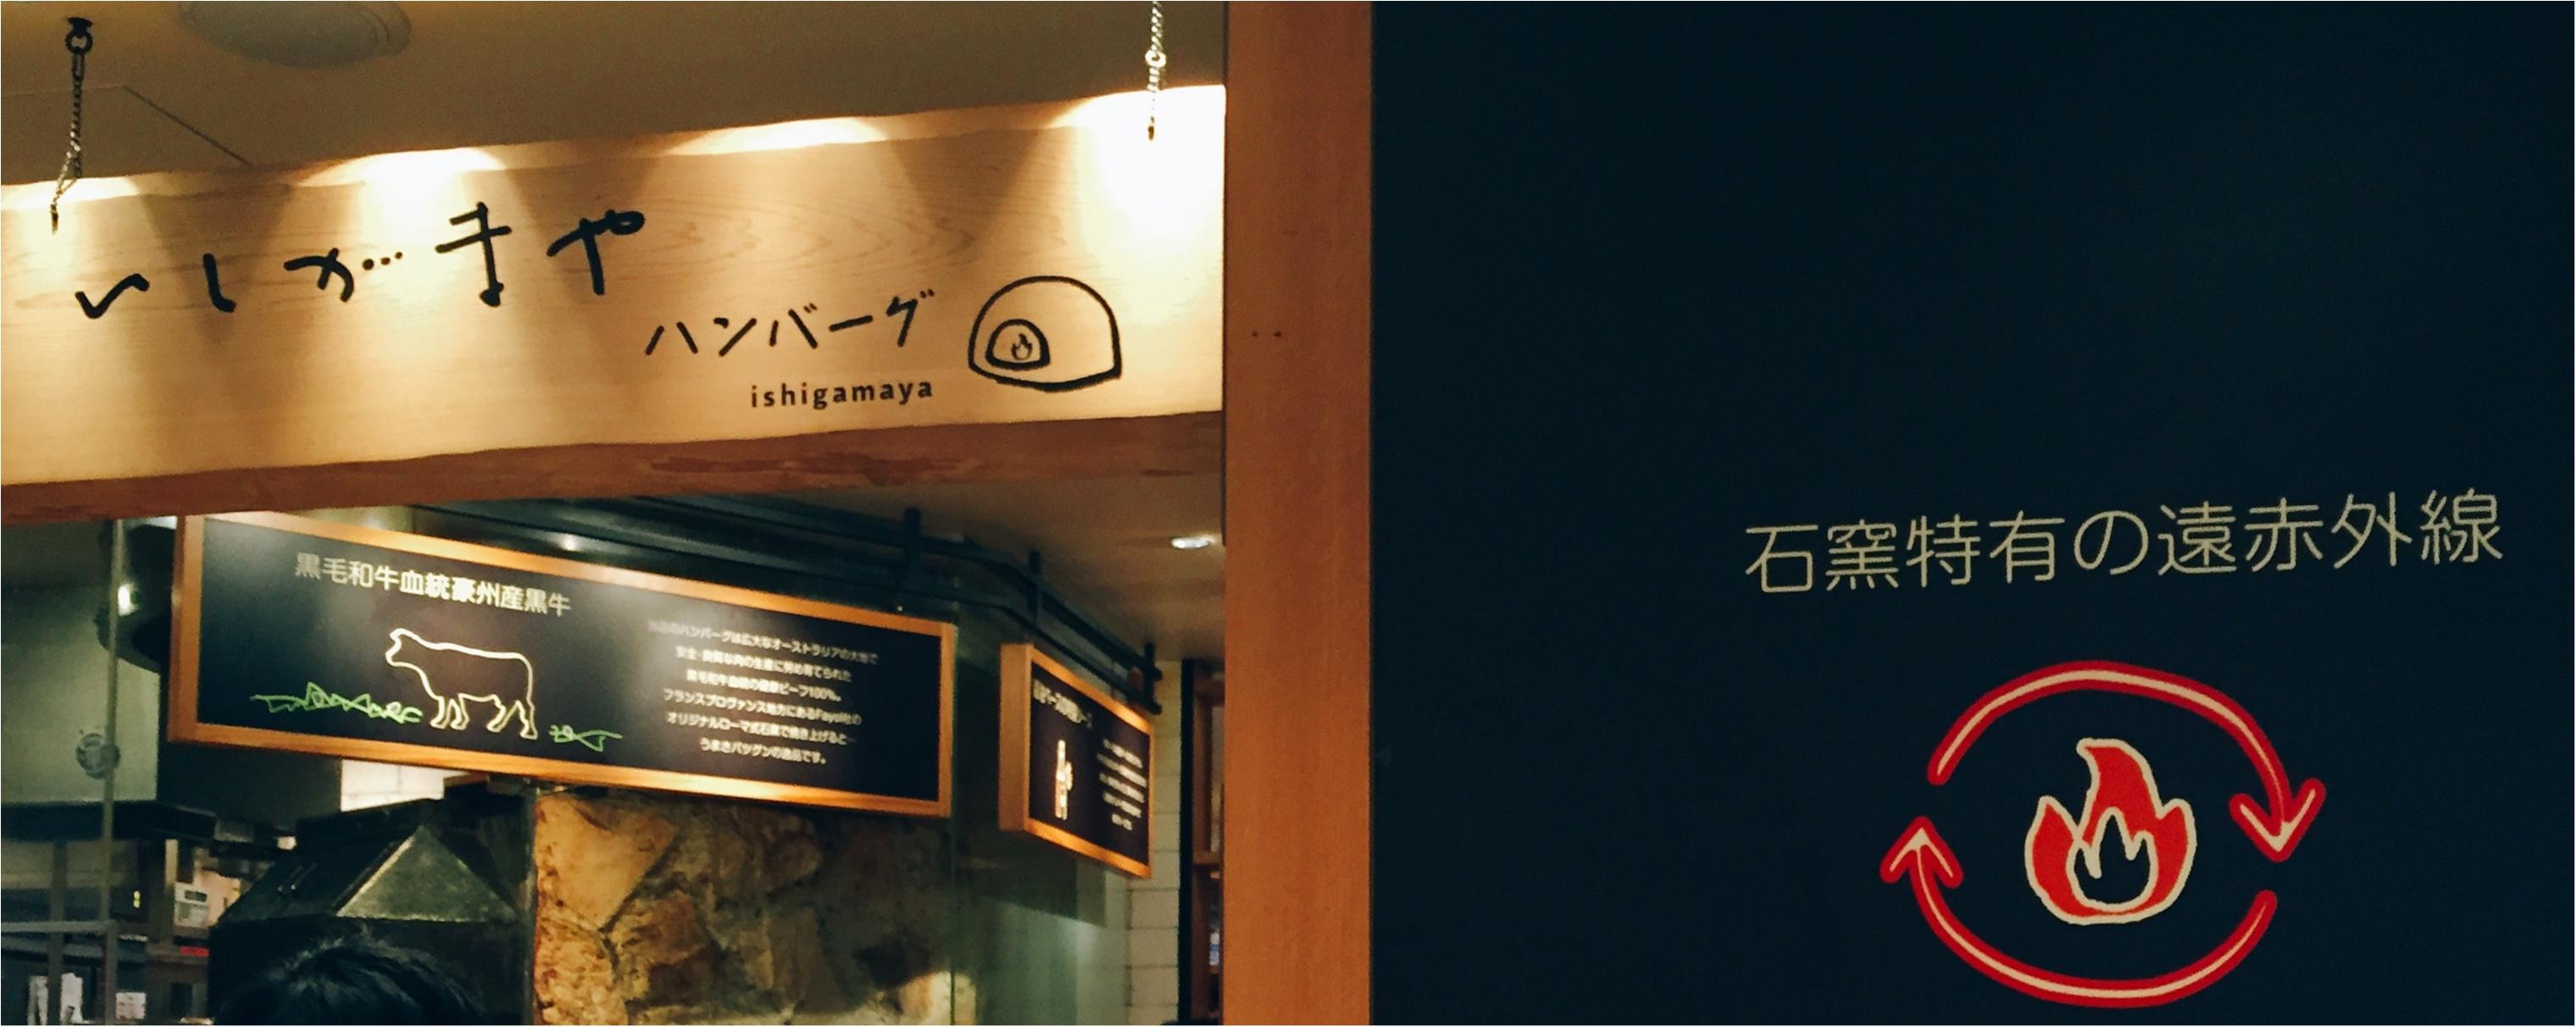 【バーバリー】ルミネ横浜店限定企画!オードワレミニスプレーがもらえる♡&お勧めハンバーグ屋さんをご紹介_6